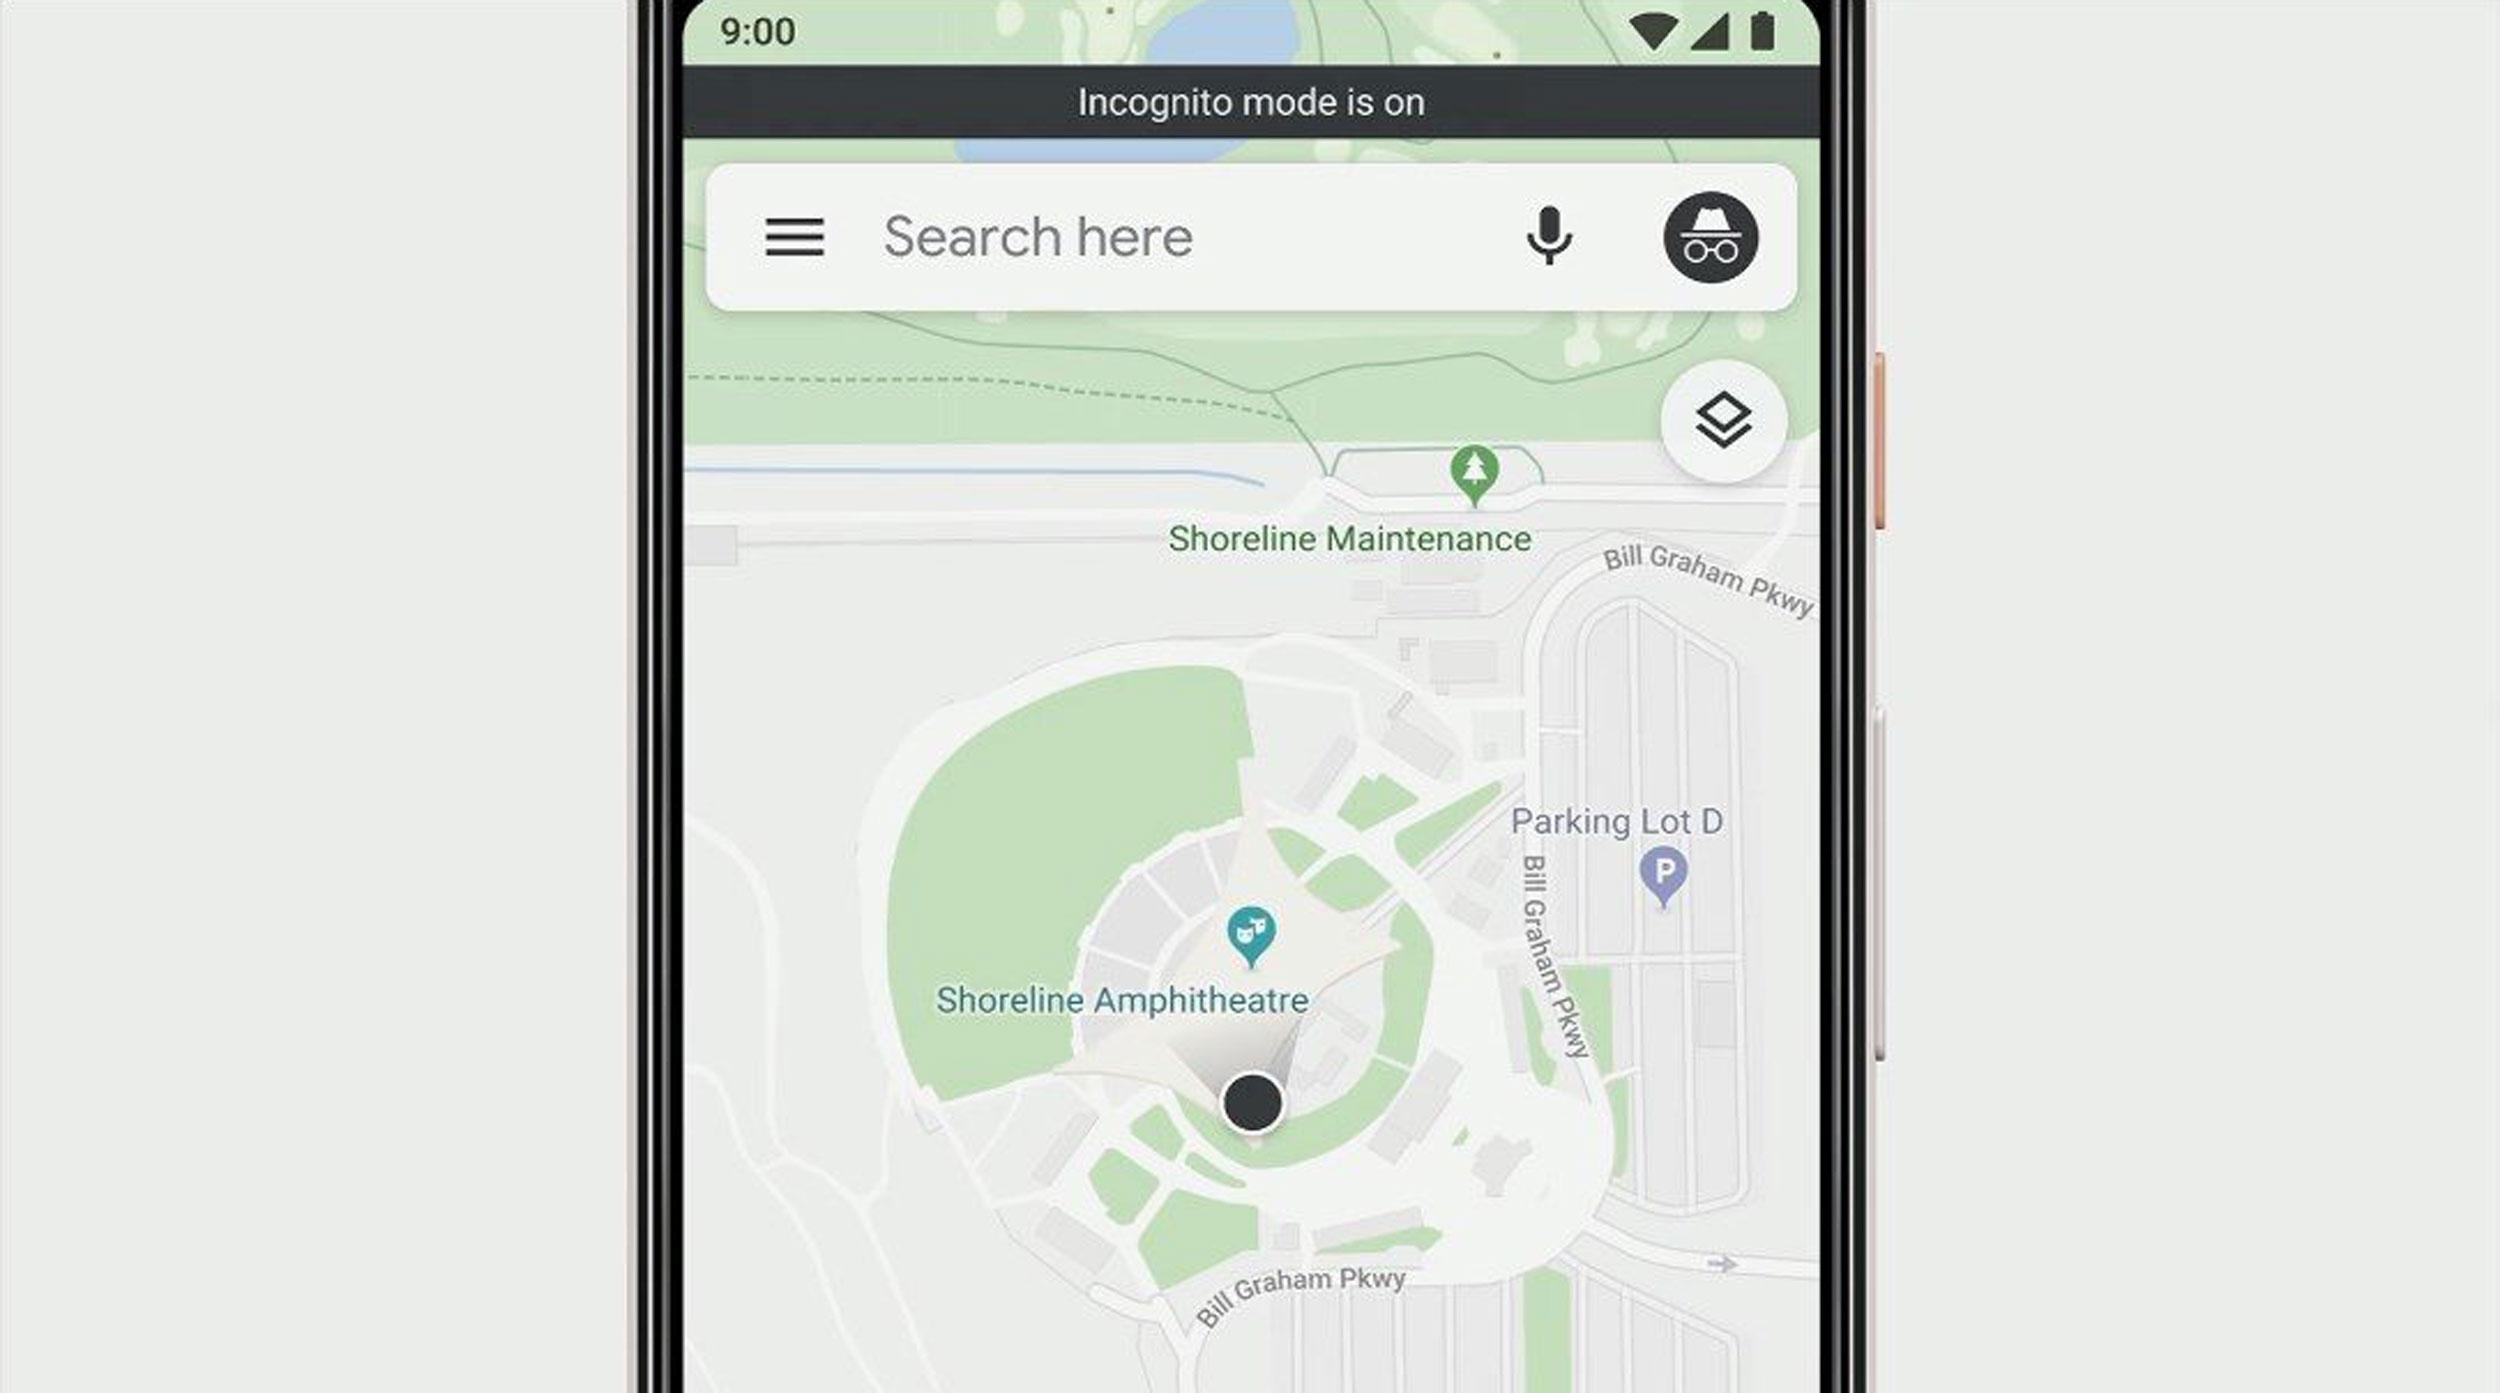 Google Maps ya prueba el modo incógnito que esconde las búsquedas y las ubicaciones